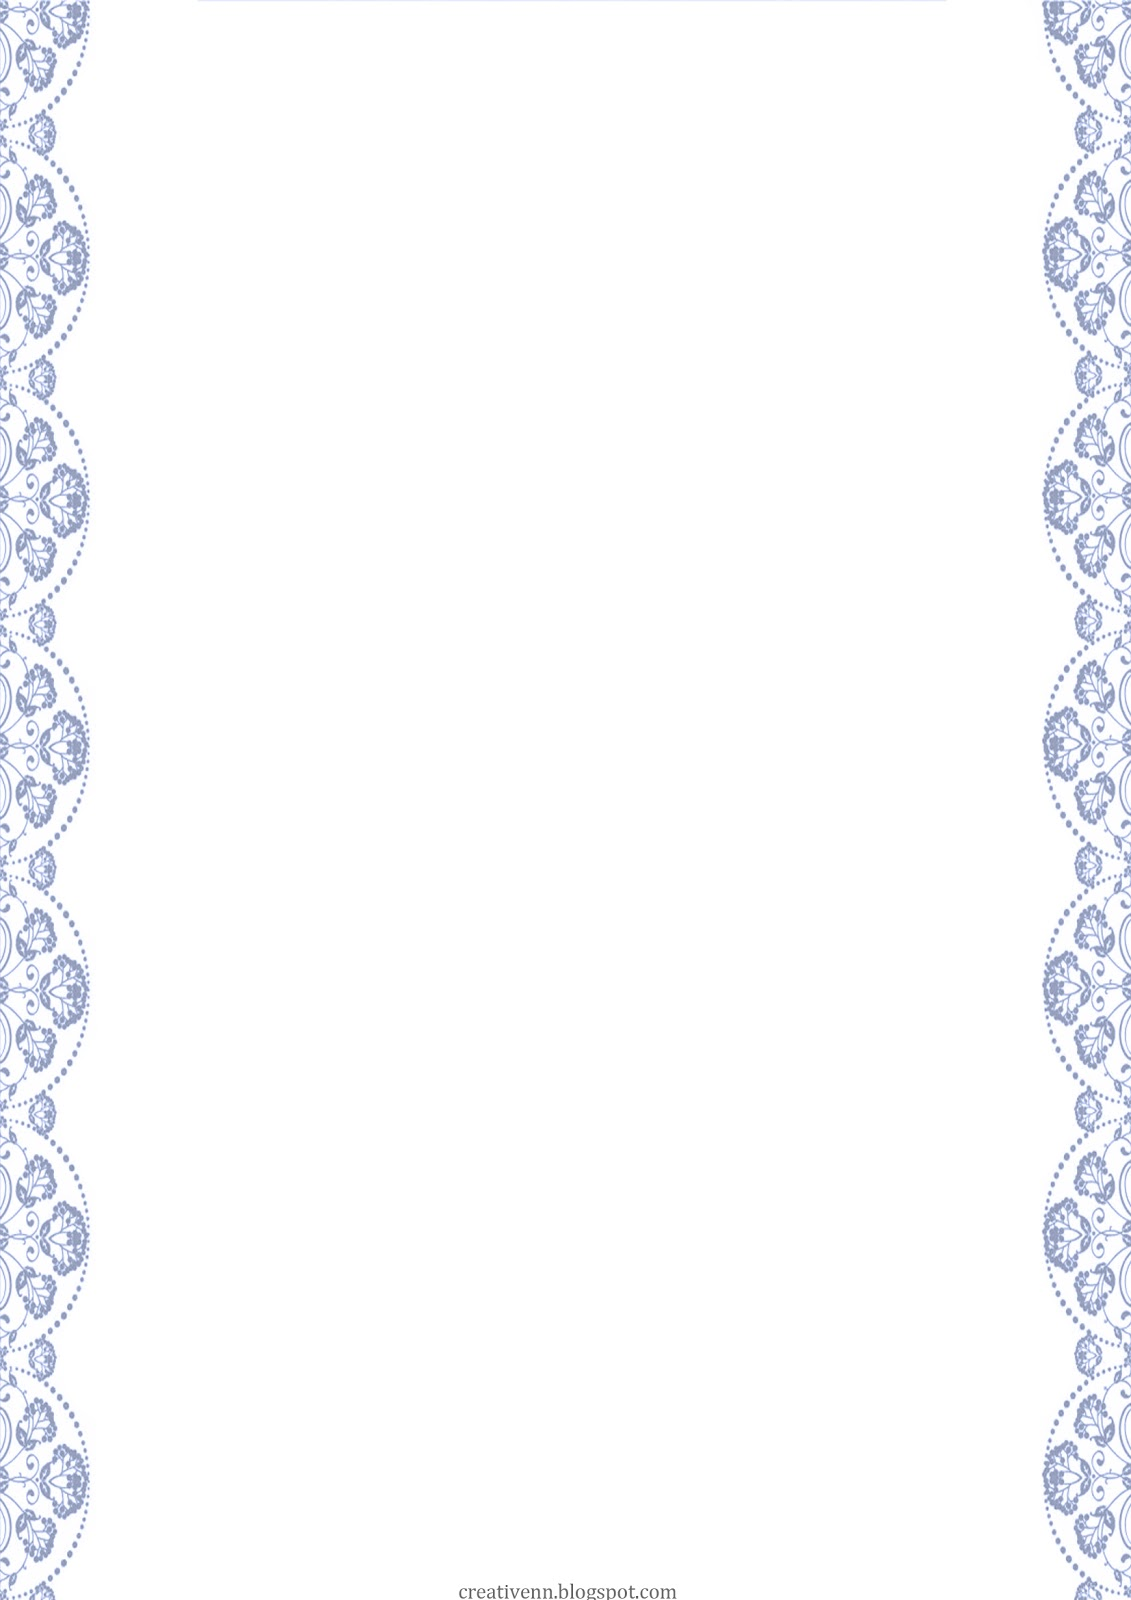 Оформление листа а4 ♥ creative nn ♥